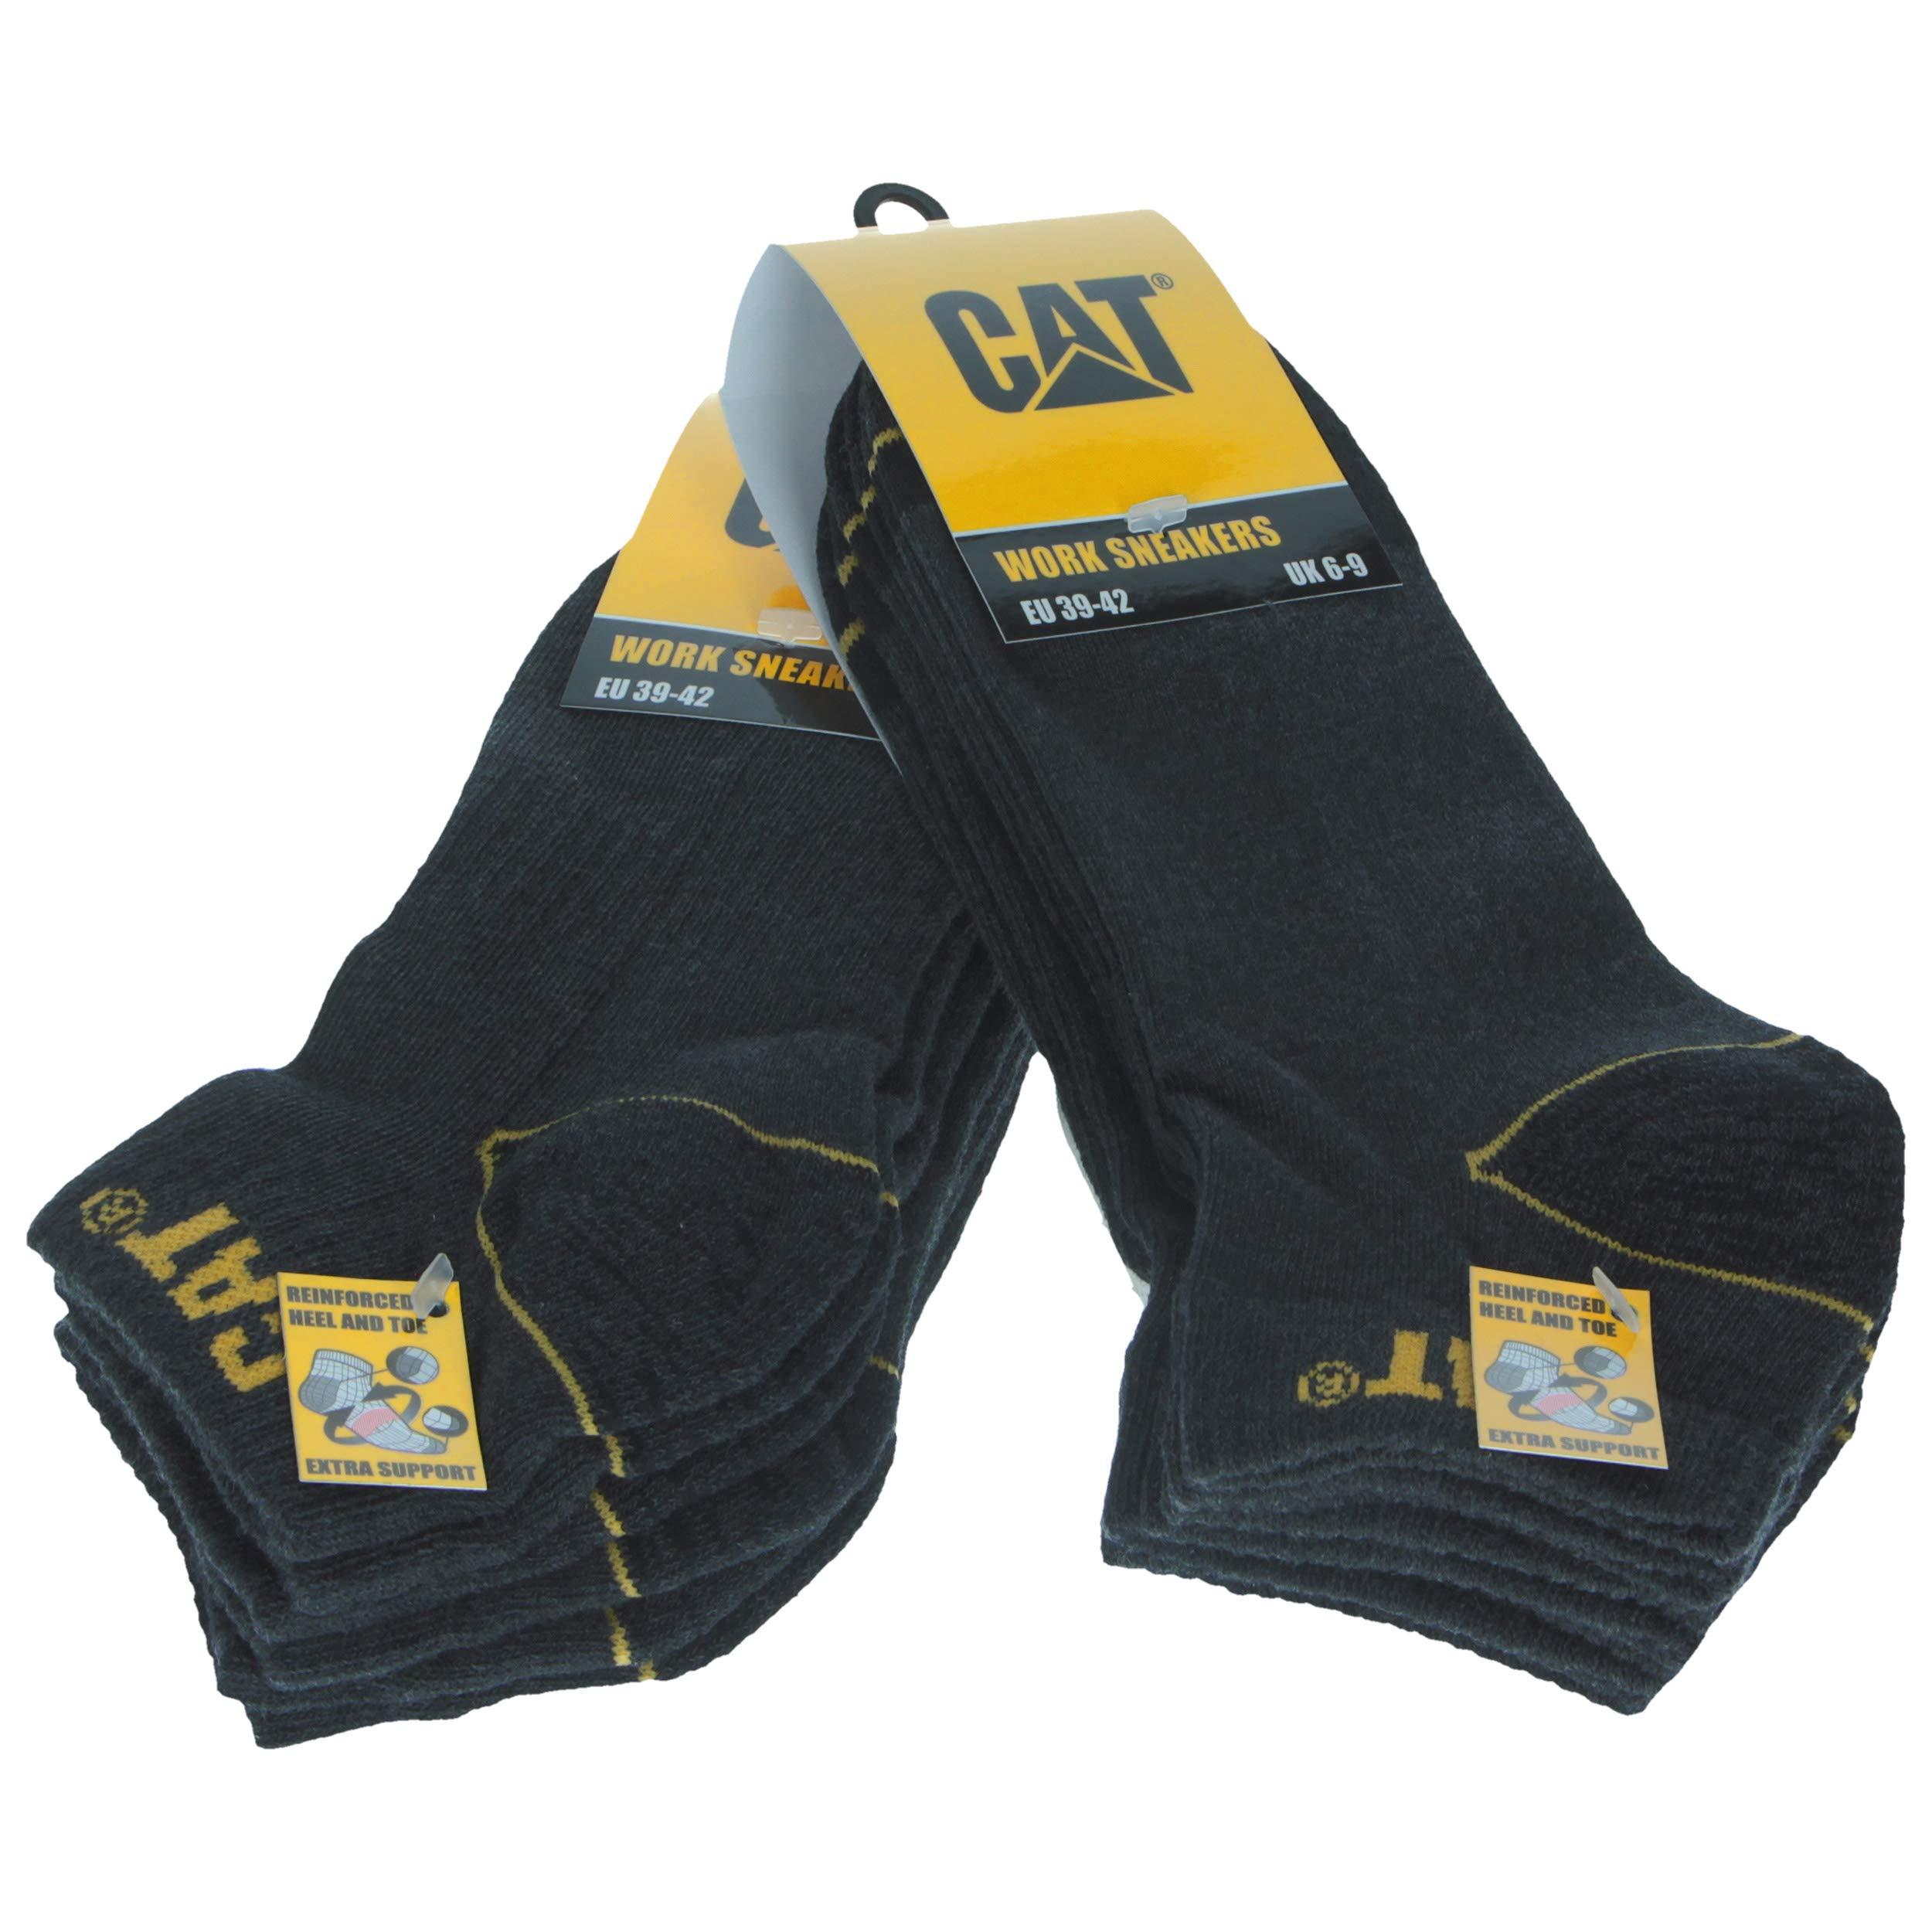 6 Paia Calze da Lavoro Uomo Estive Corte alla Caviglia Antinfortunistiche  Rinforzate su Tallone e Punta 20d4ff8fd46